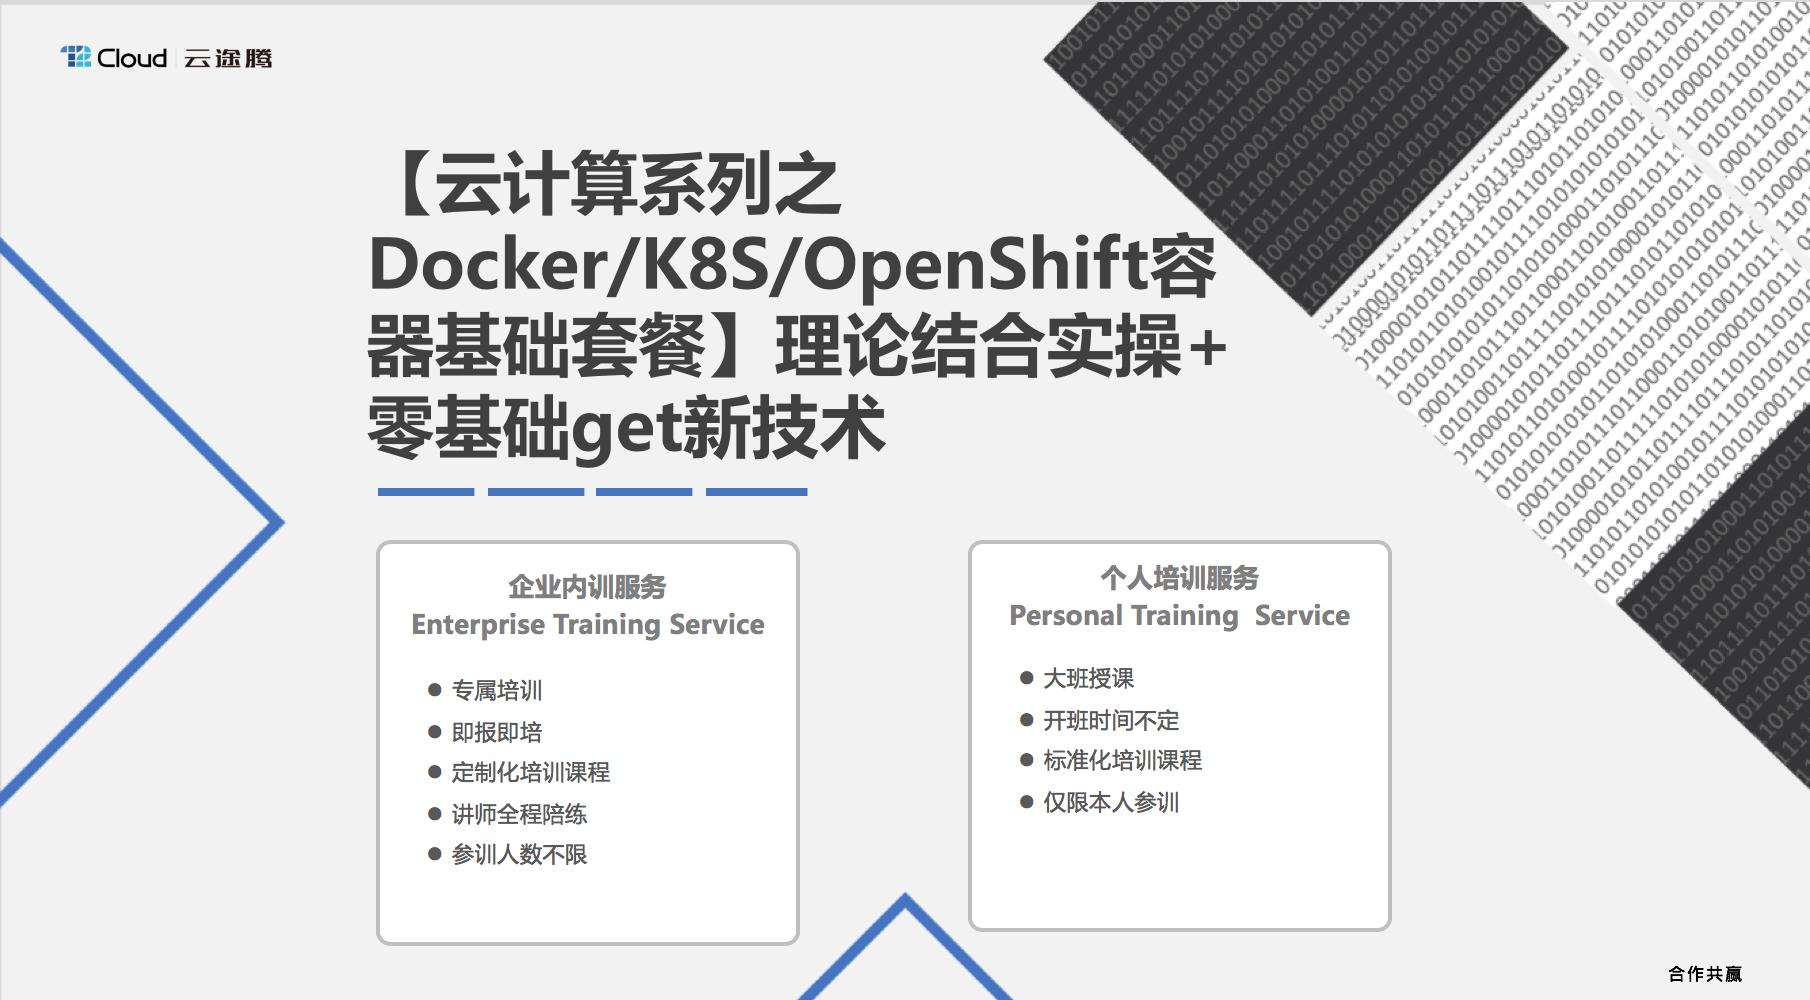 【云计算系列之Docker/K8S/OpenShift容器基础套餐】理论结合实操+零基础get新技术